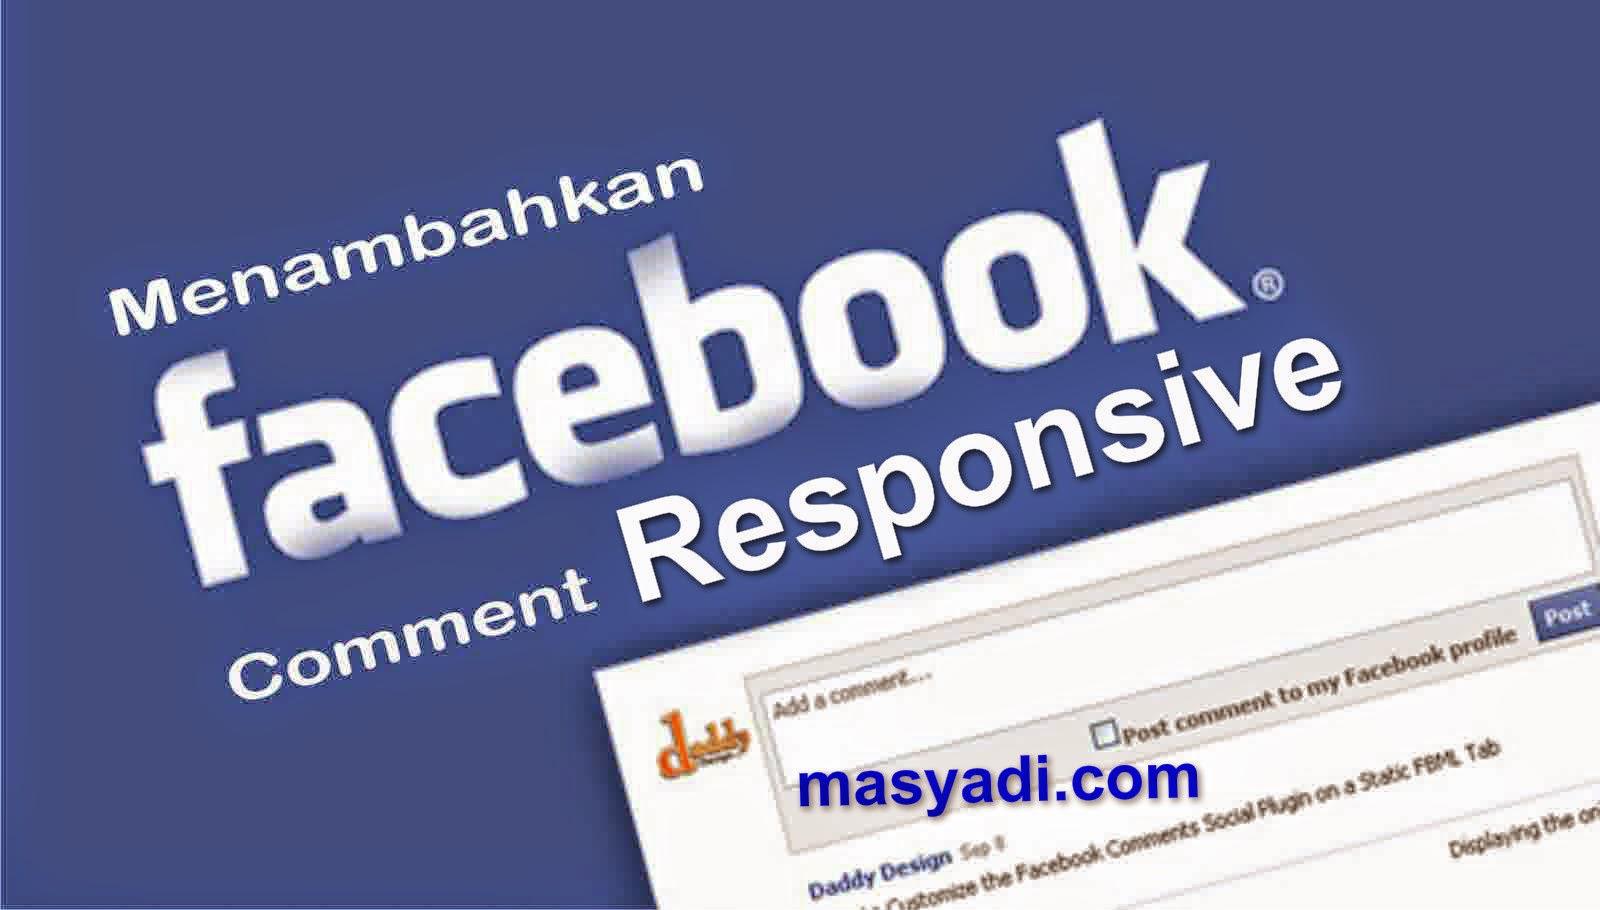 Cara Mudah Membuat dan Memasang Kotak Komentar Facebook Responsive di Blog